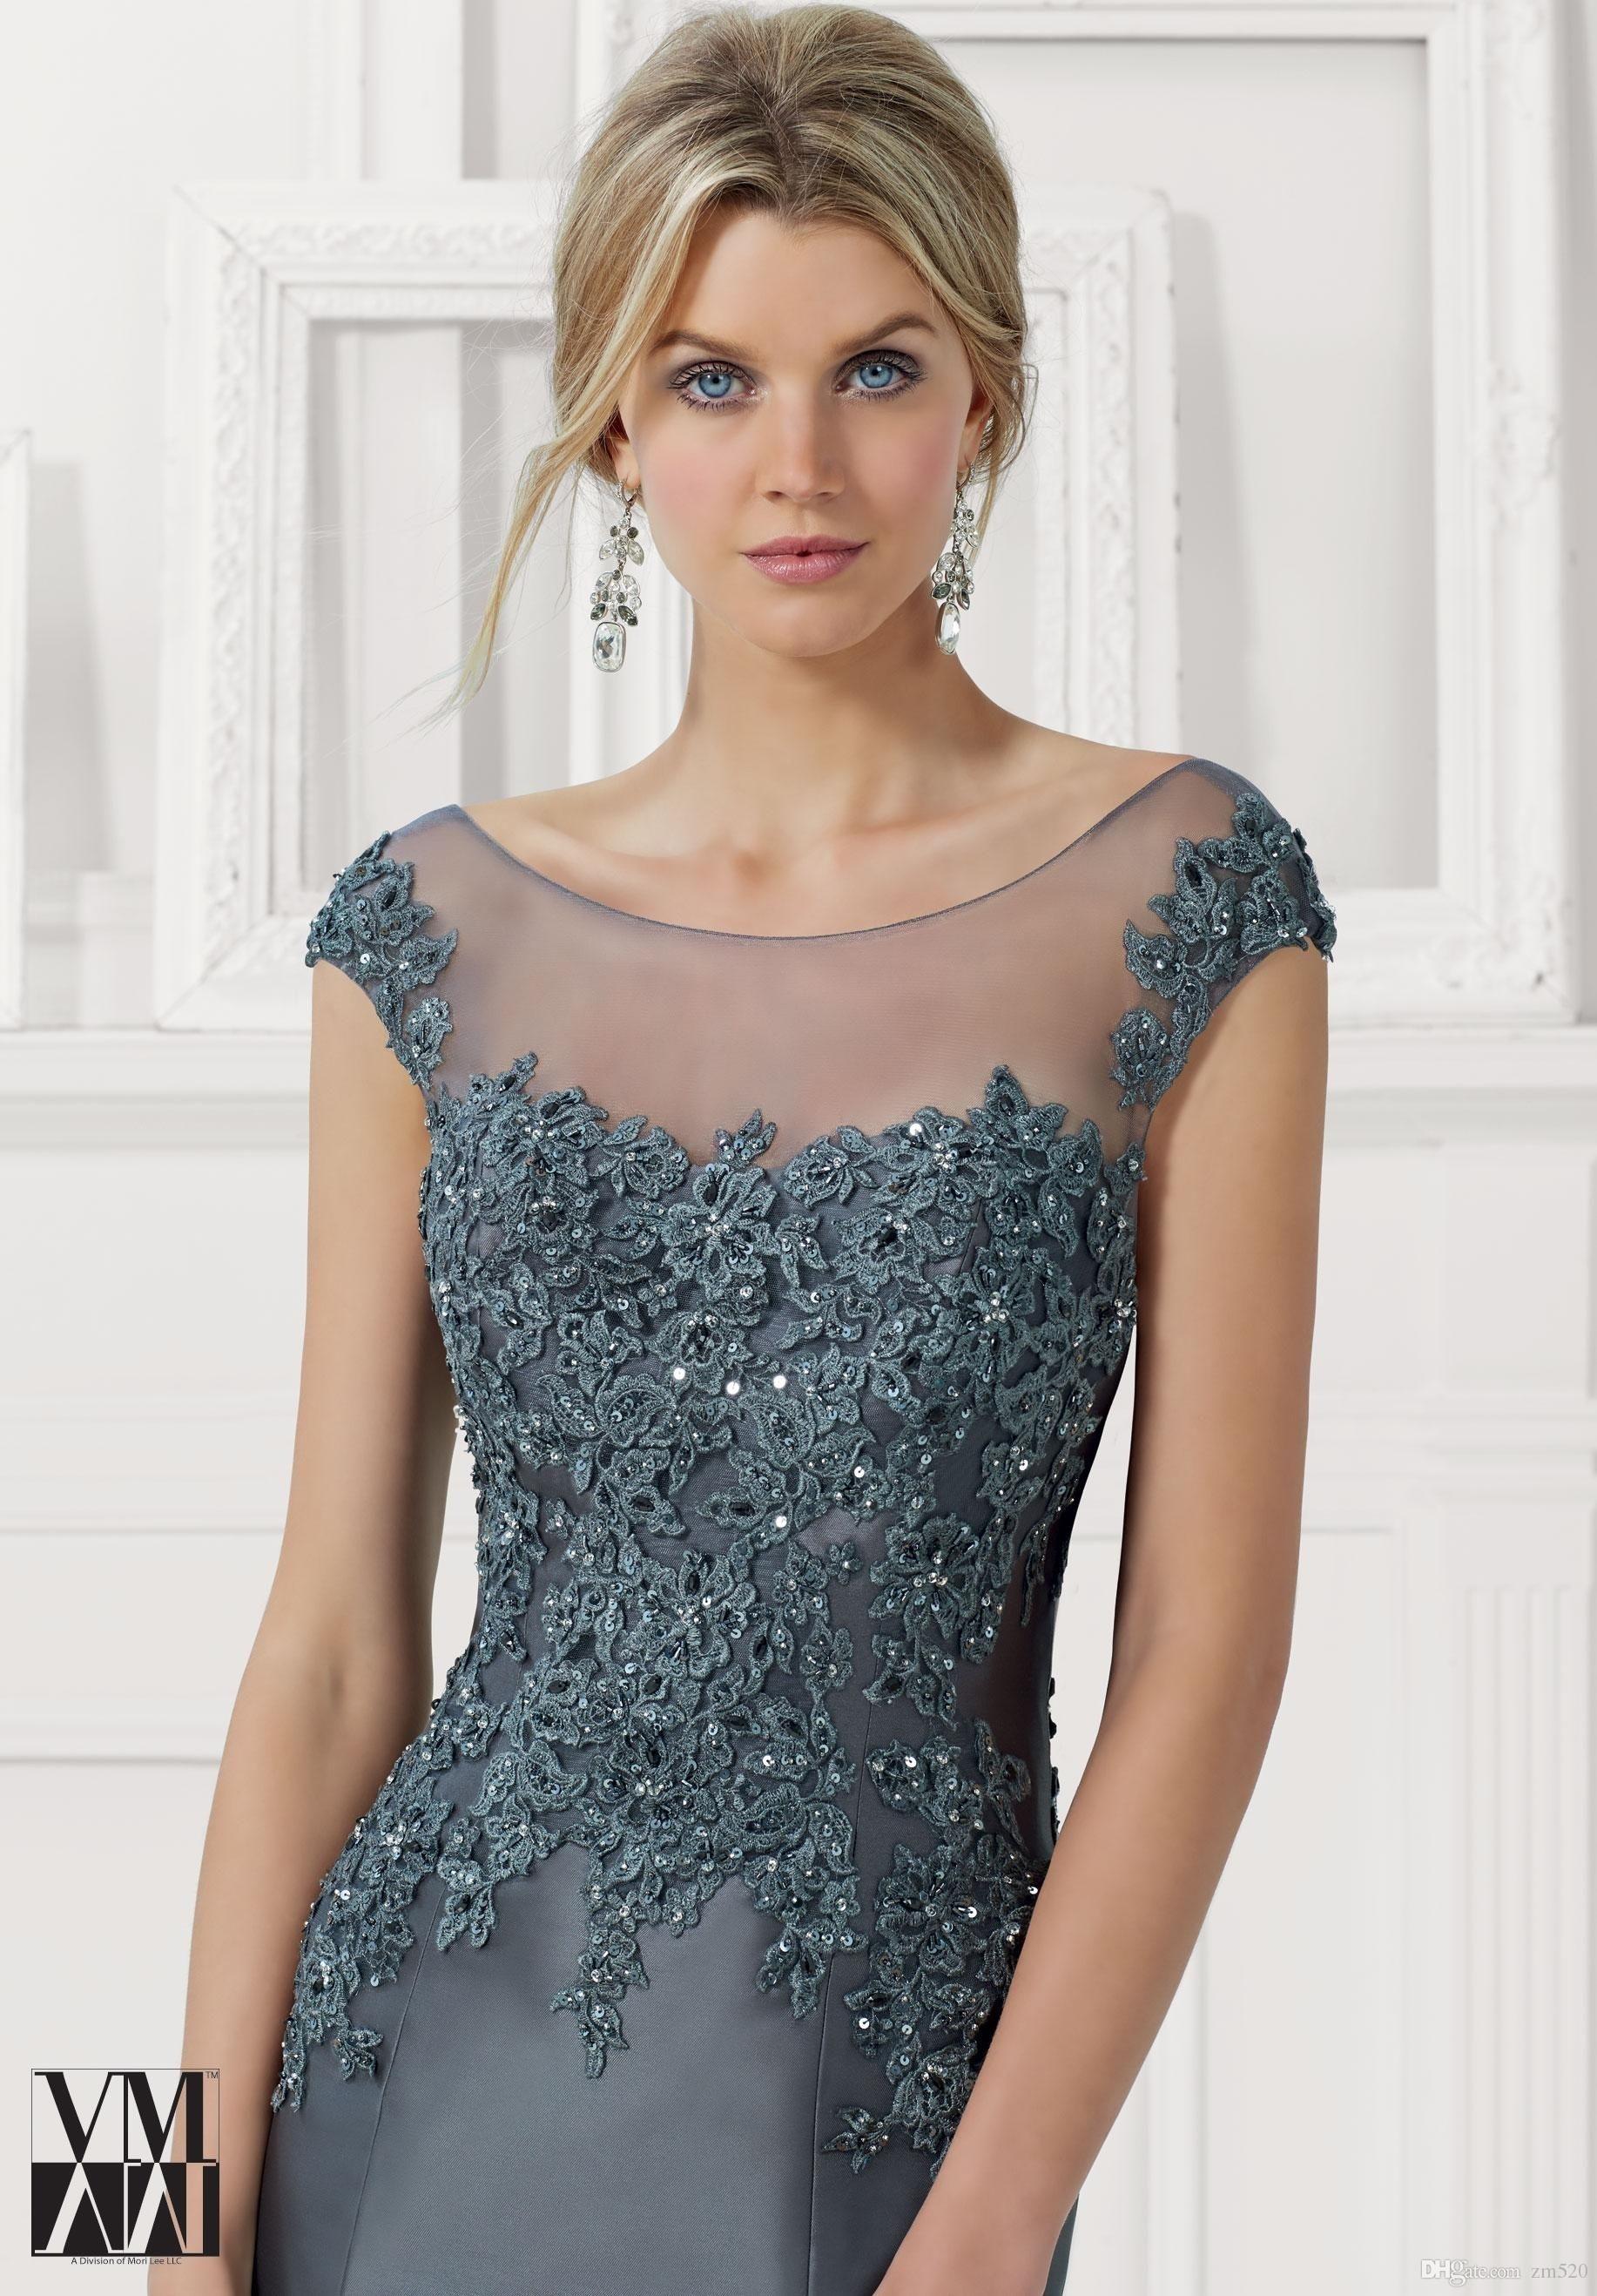 Abend Spektakulär Kleider Für Besondere Anlässe für 201920 Perfekt Kleider Für Besondere Anlässe Spezialgebiet